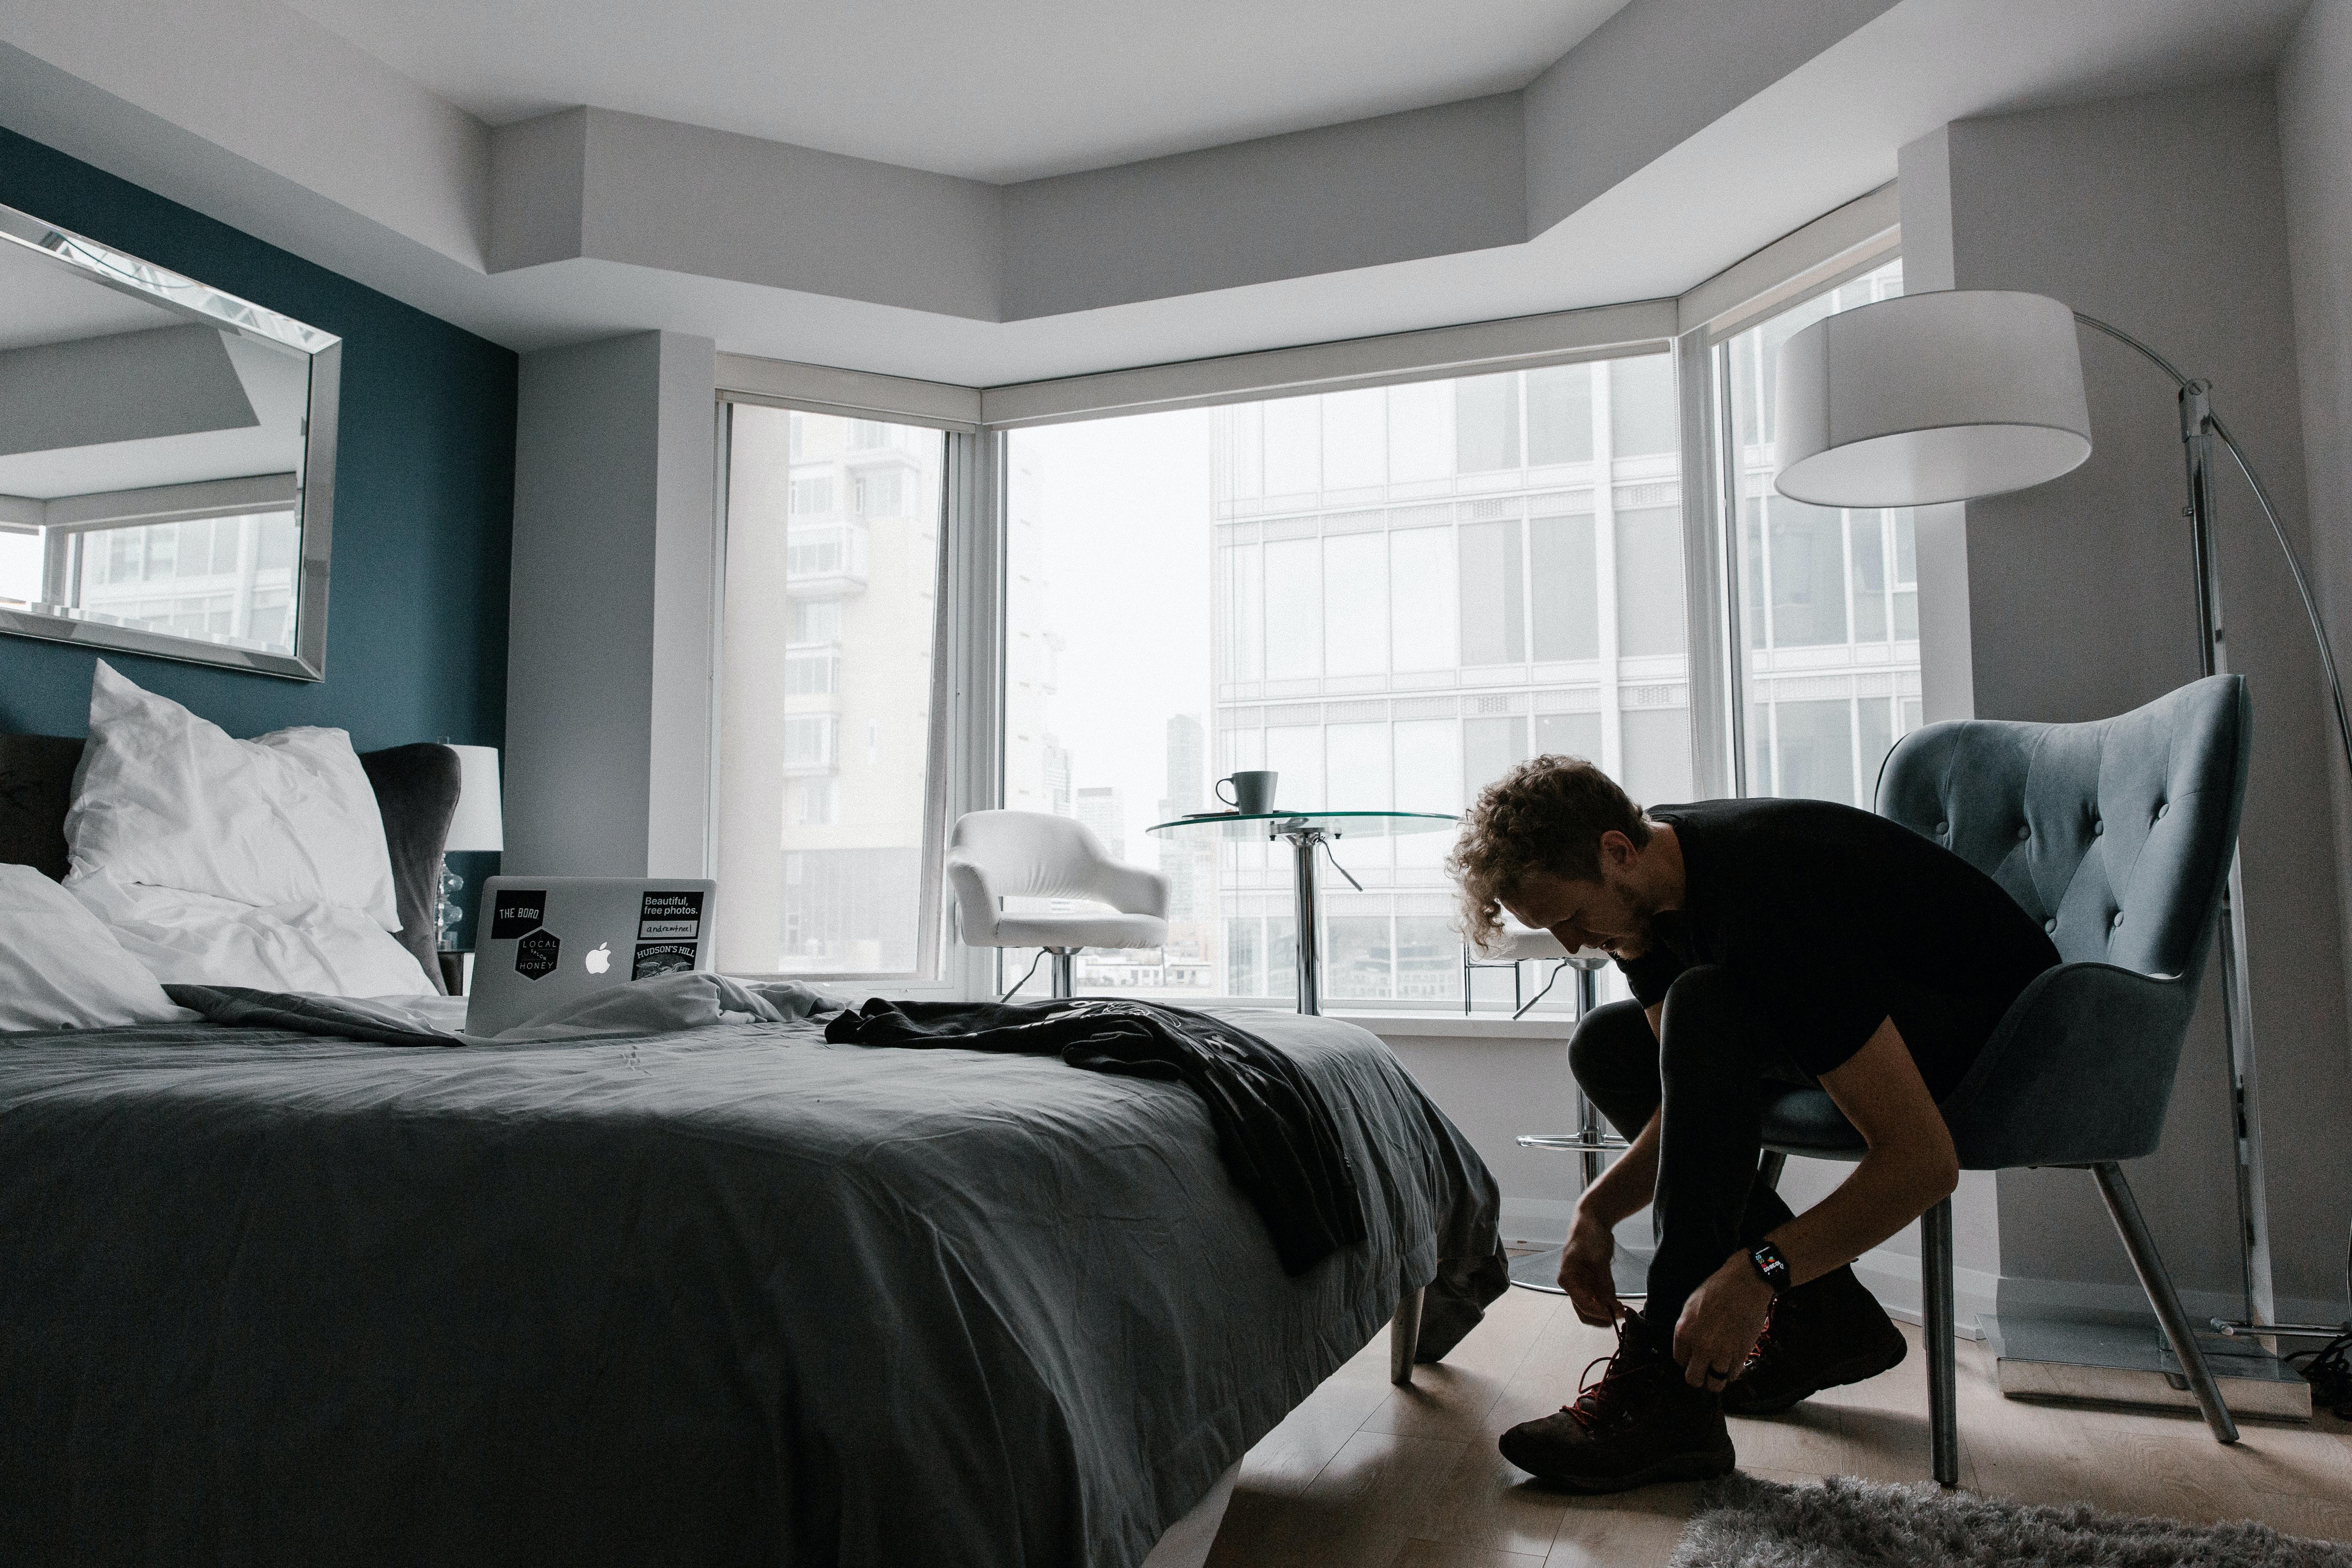 Trucos y consejos para lavar la ropa de cama de los hoteles con WASHROCKS